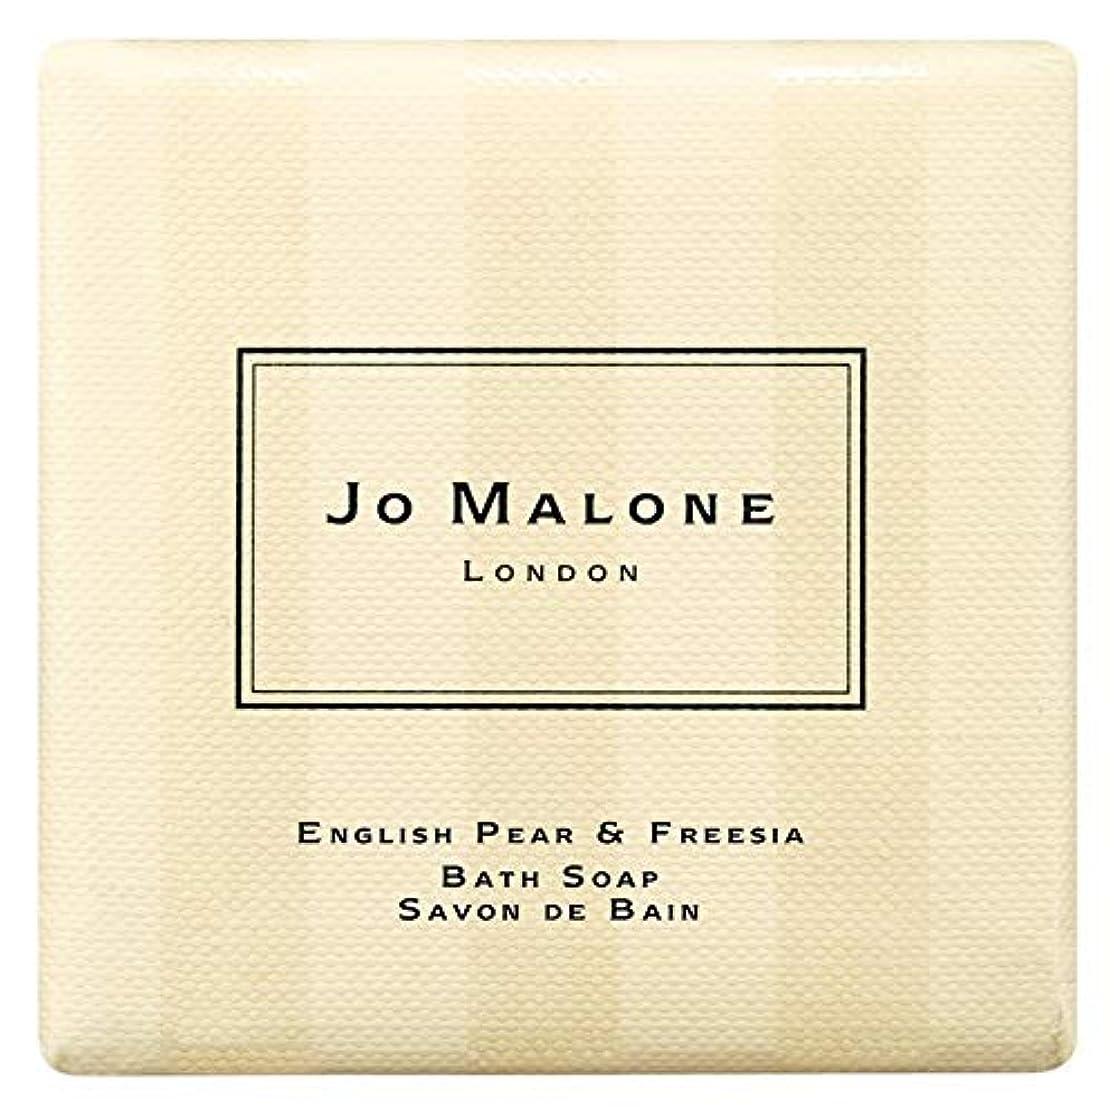 正確さ判定自動化[Jo Malone] ジョーマローンロンドン英語梨&フリージア入浴石鹸100グラム - Jo Malone London English Pear & Freesia Bath Soap 100g [並行輸入品]